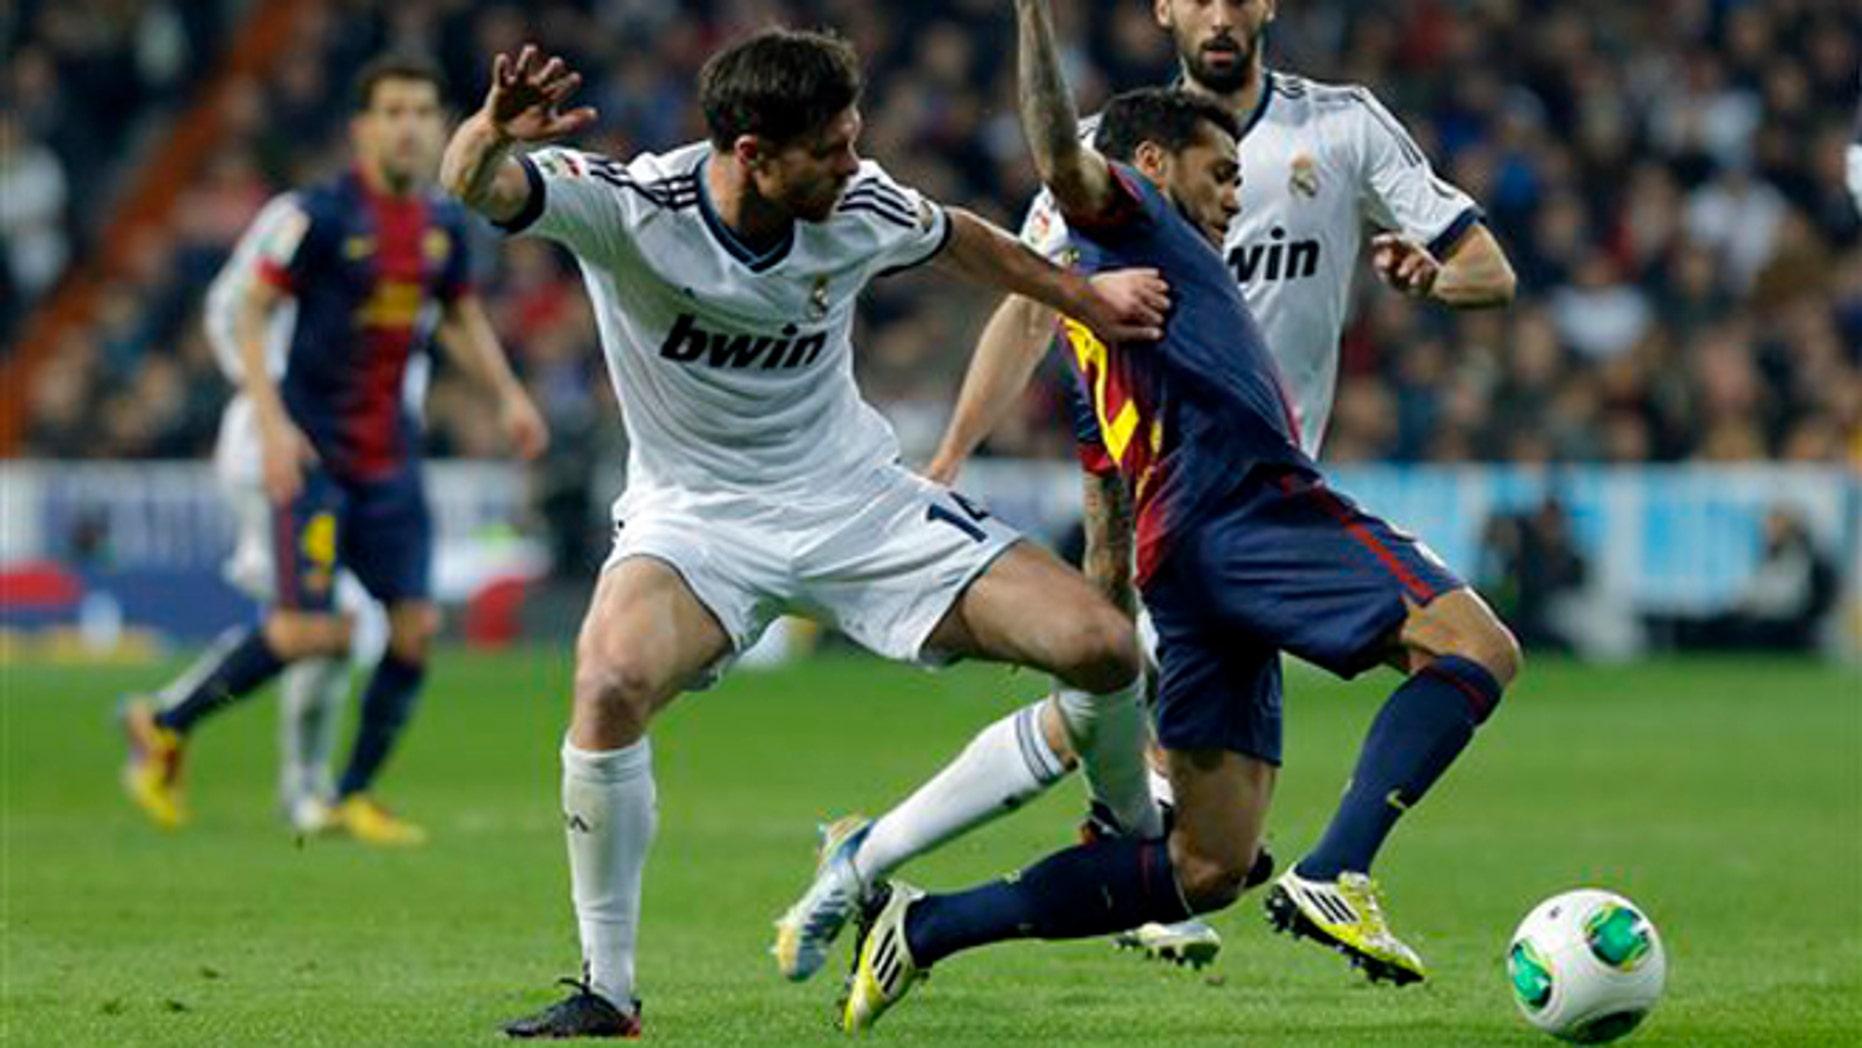 El jugador brasileño del Barcelona, Dani Alves, centro, disputa un balón en un partido contra Real Madrid por las semifinales de la Copa del Rey el miércoles, 30 de enero de 2013, en Madrid. (AP Photo/Andres Kudacki)